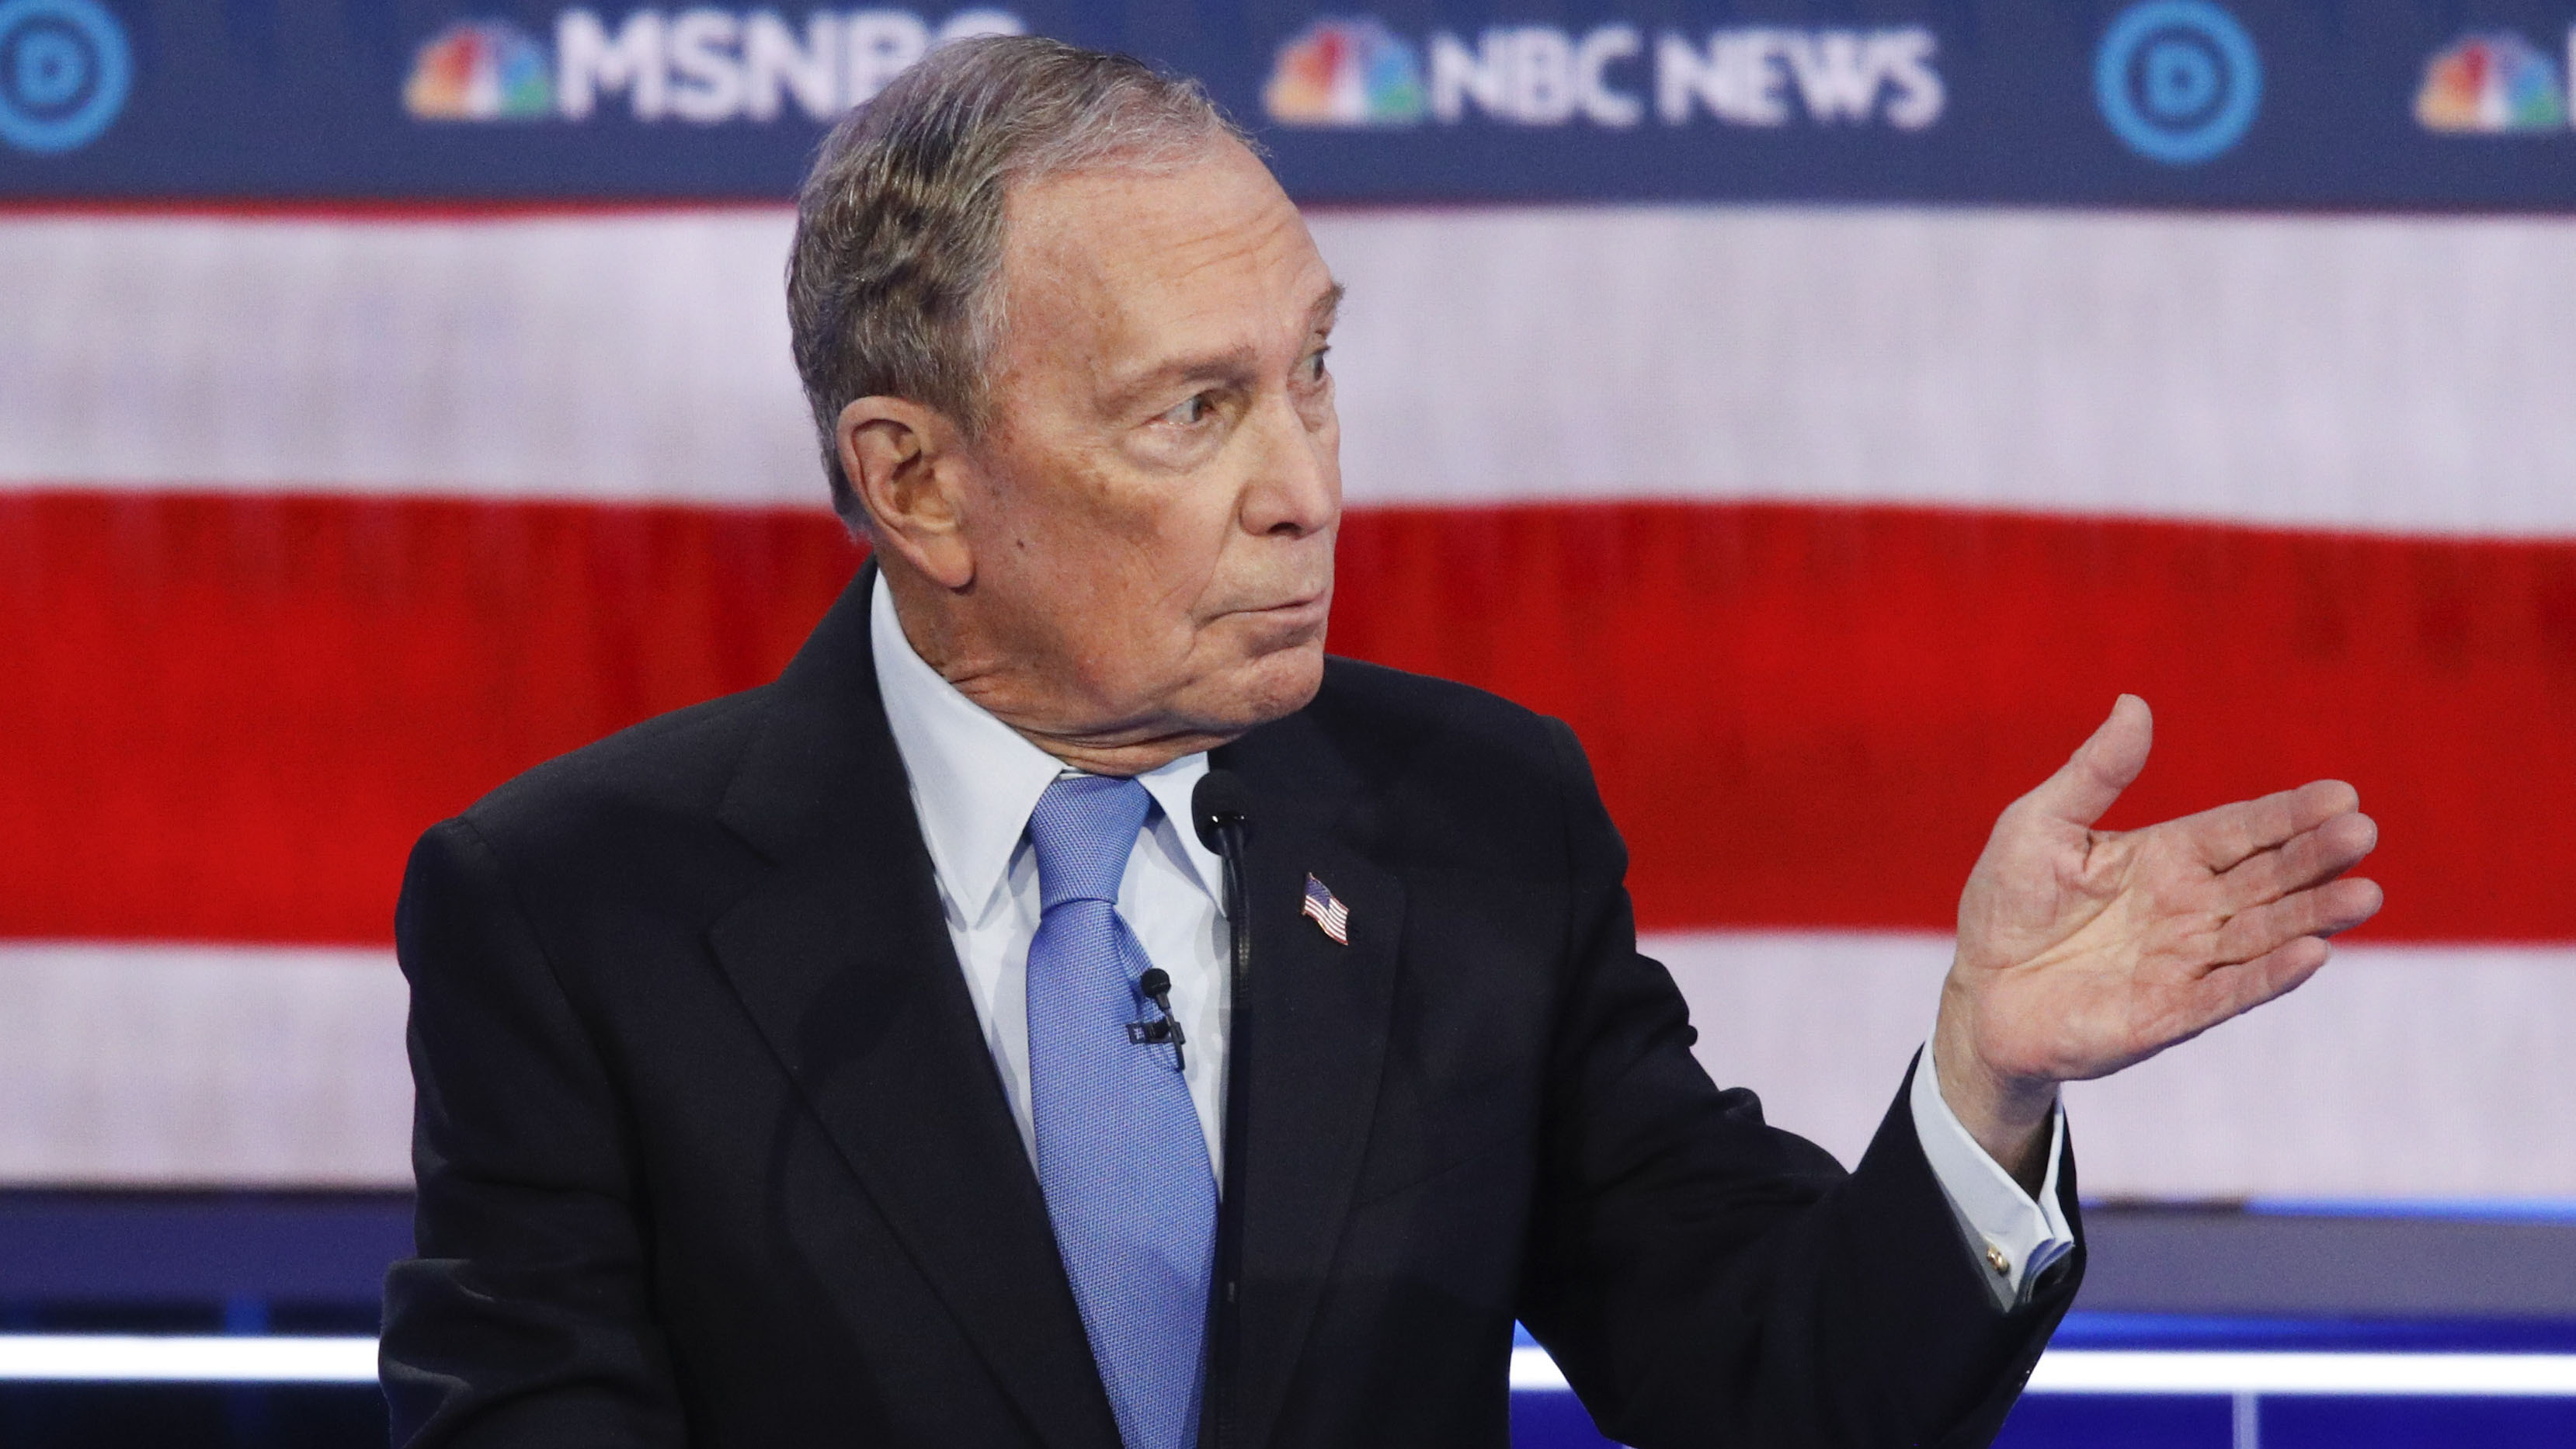 Michael Bloomberg bajo fuego cruzado en el debate demócrata